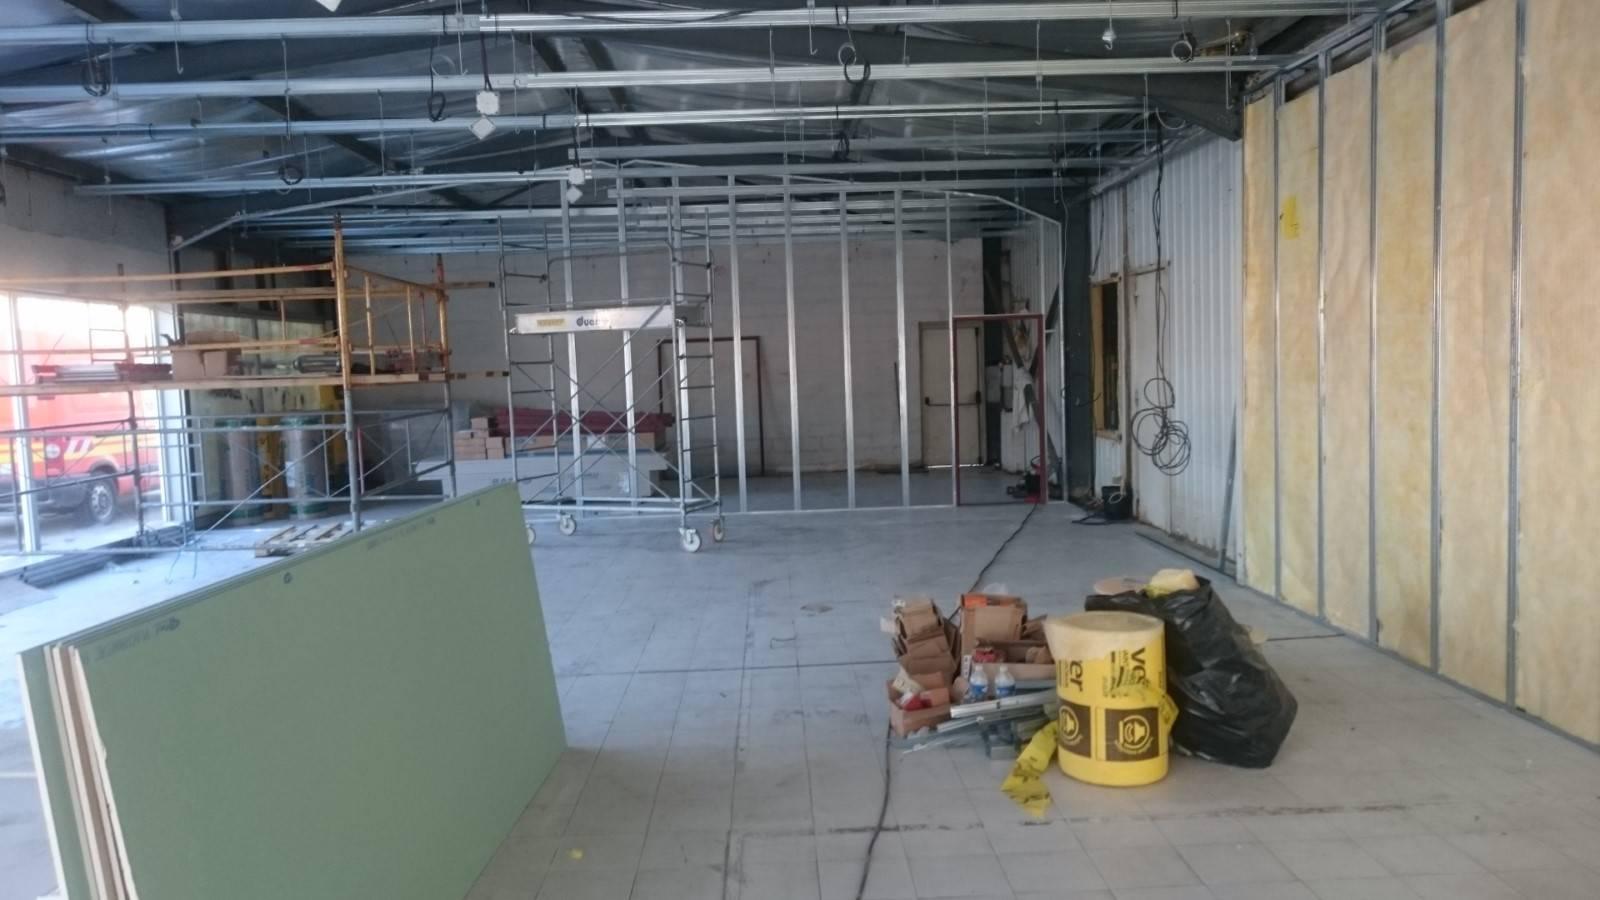 renovation du site renault dacia pertuis pose de cloisons et faux plafond marseille arts bat. Black Bedroom Furniture Sets. Home Design Ideas